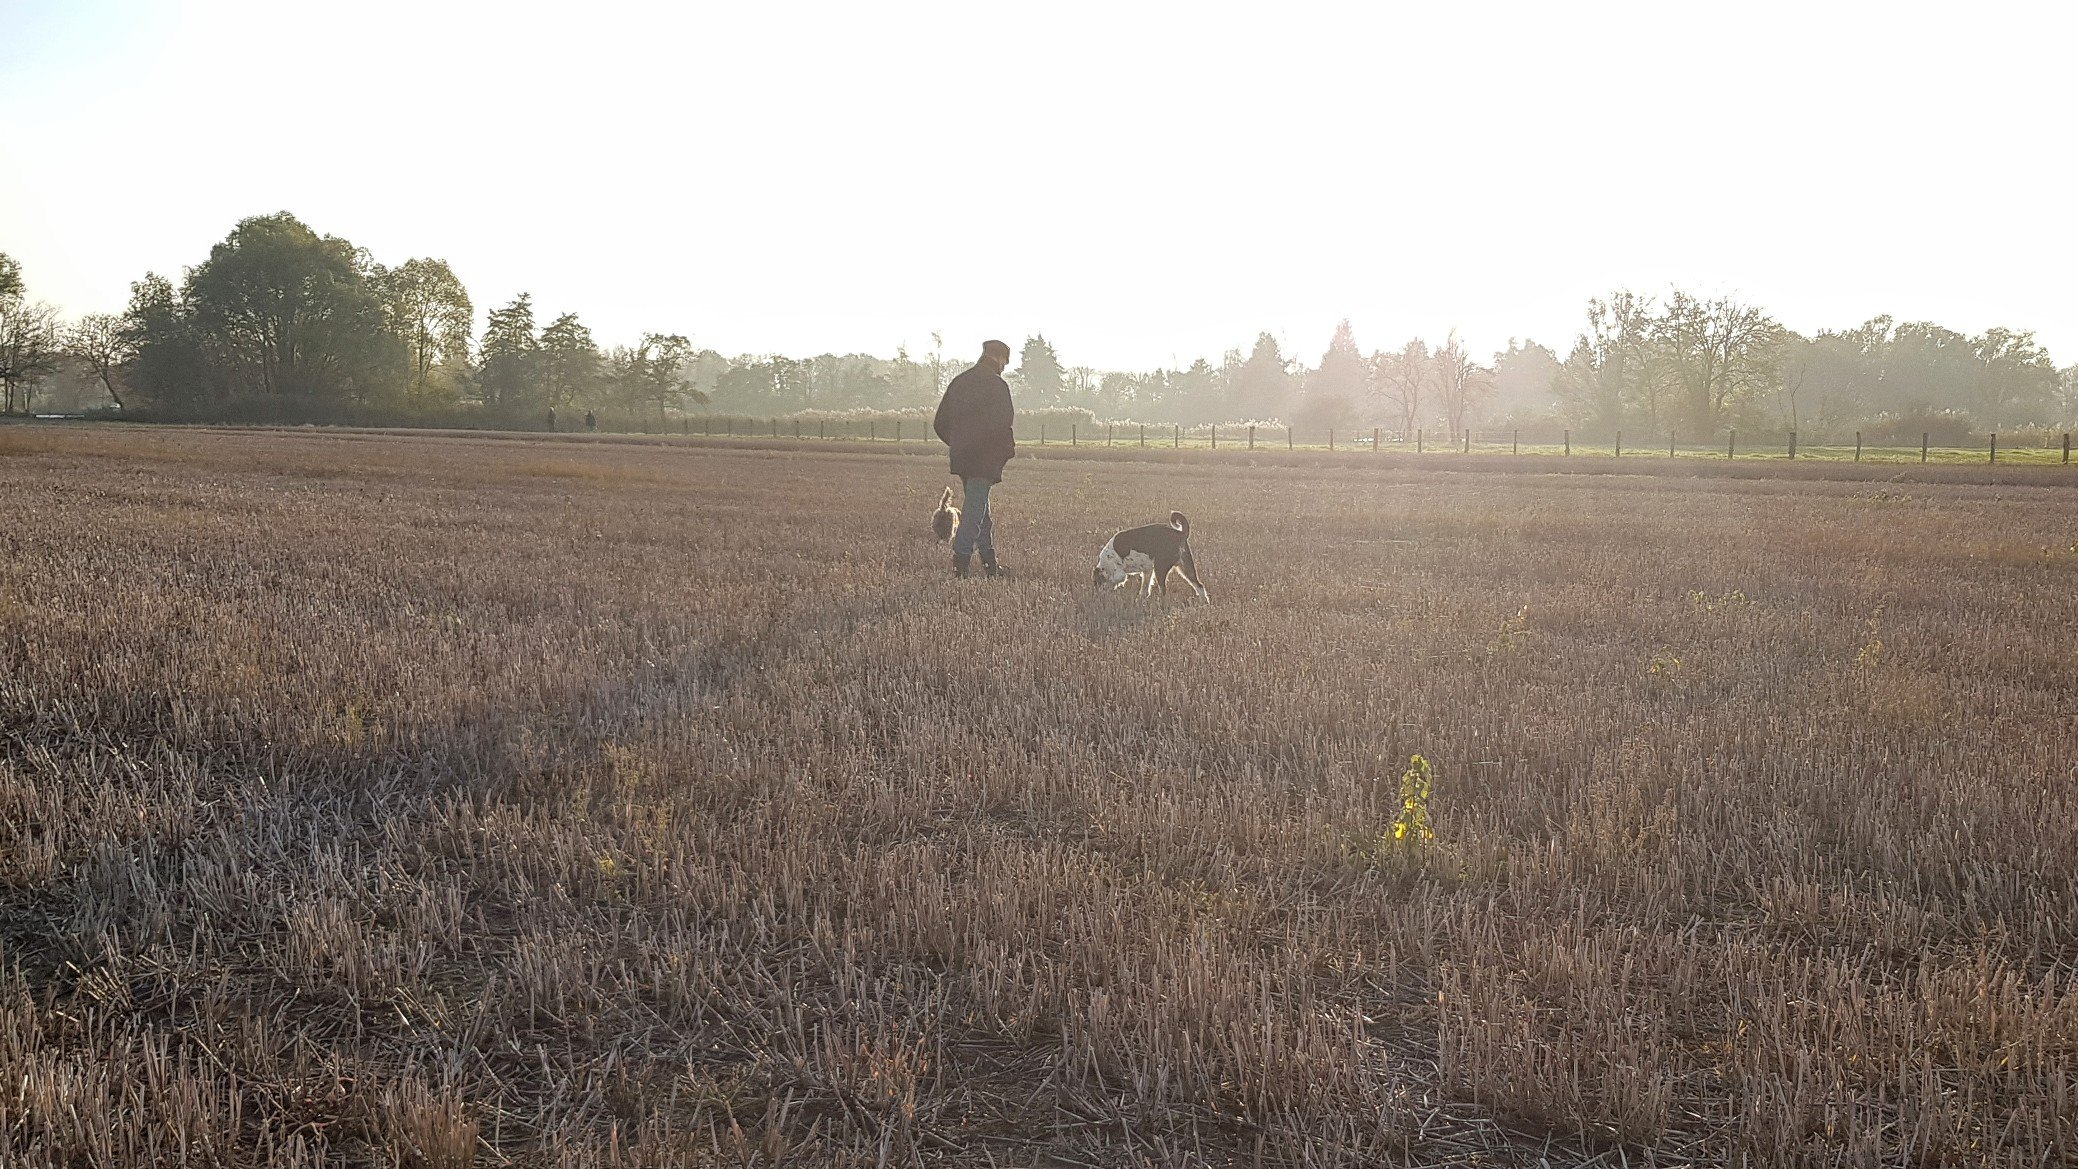 November-Spaziergänger auf Stoppelfeld im Gegenlicht